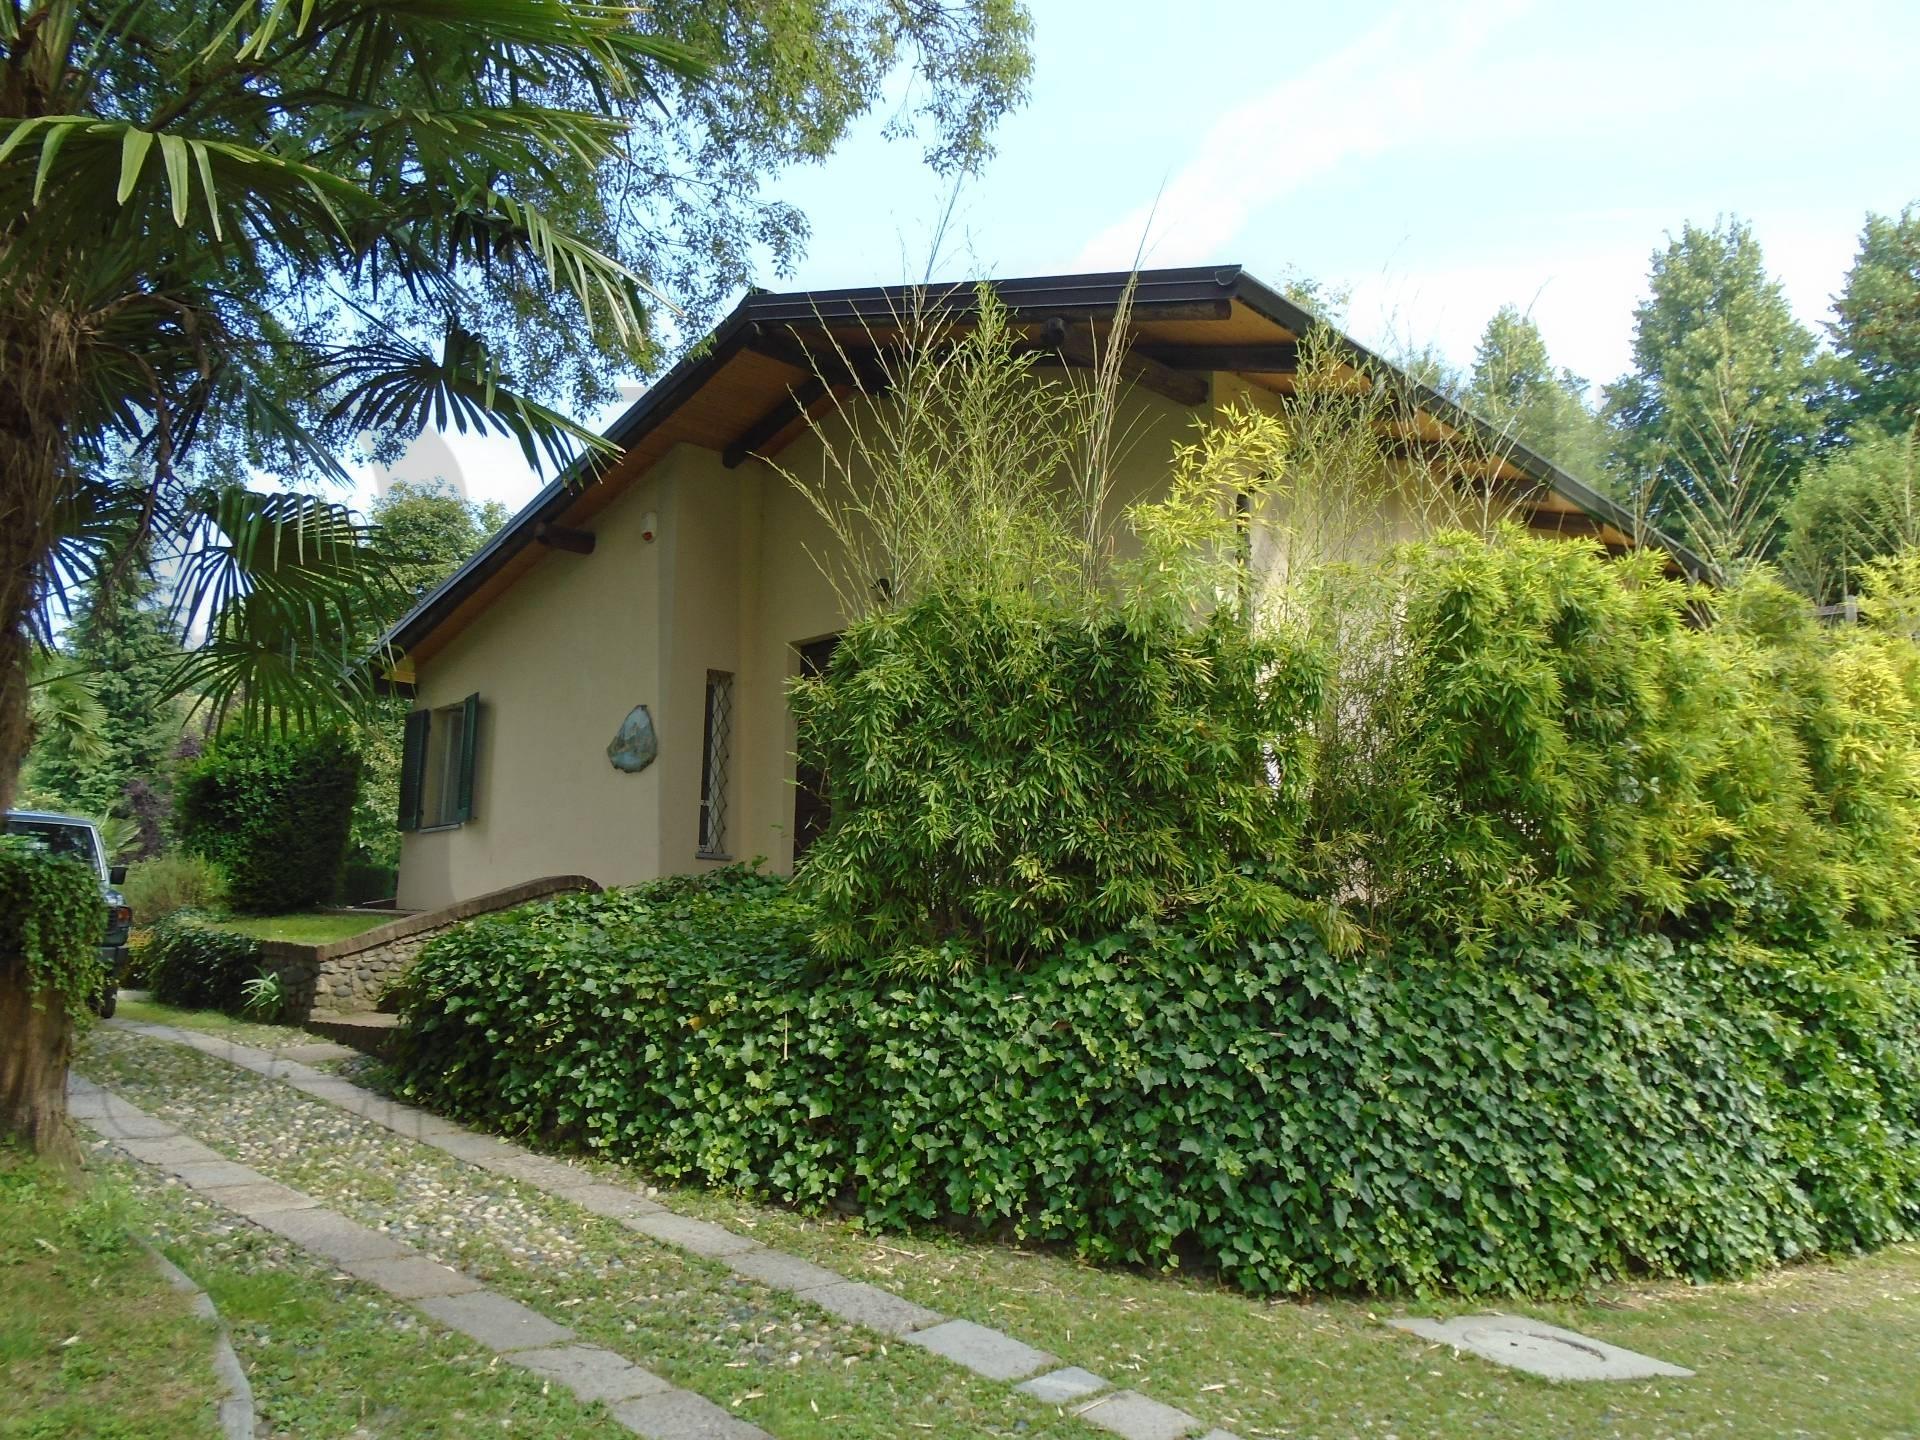 Villa in affitto a Torino, 5 locali, zona Località: Collina, prezzo € 1.100   Cambio Casa.it